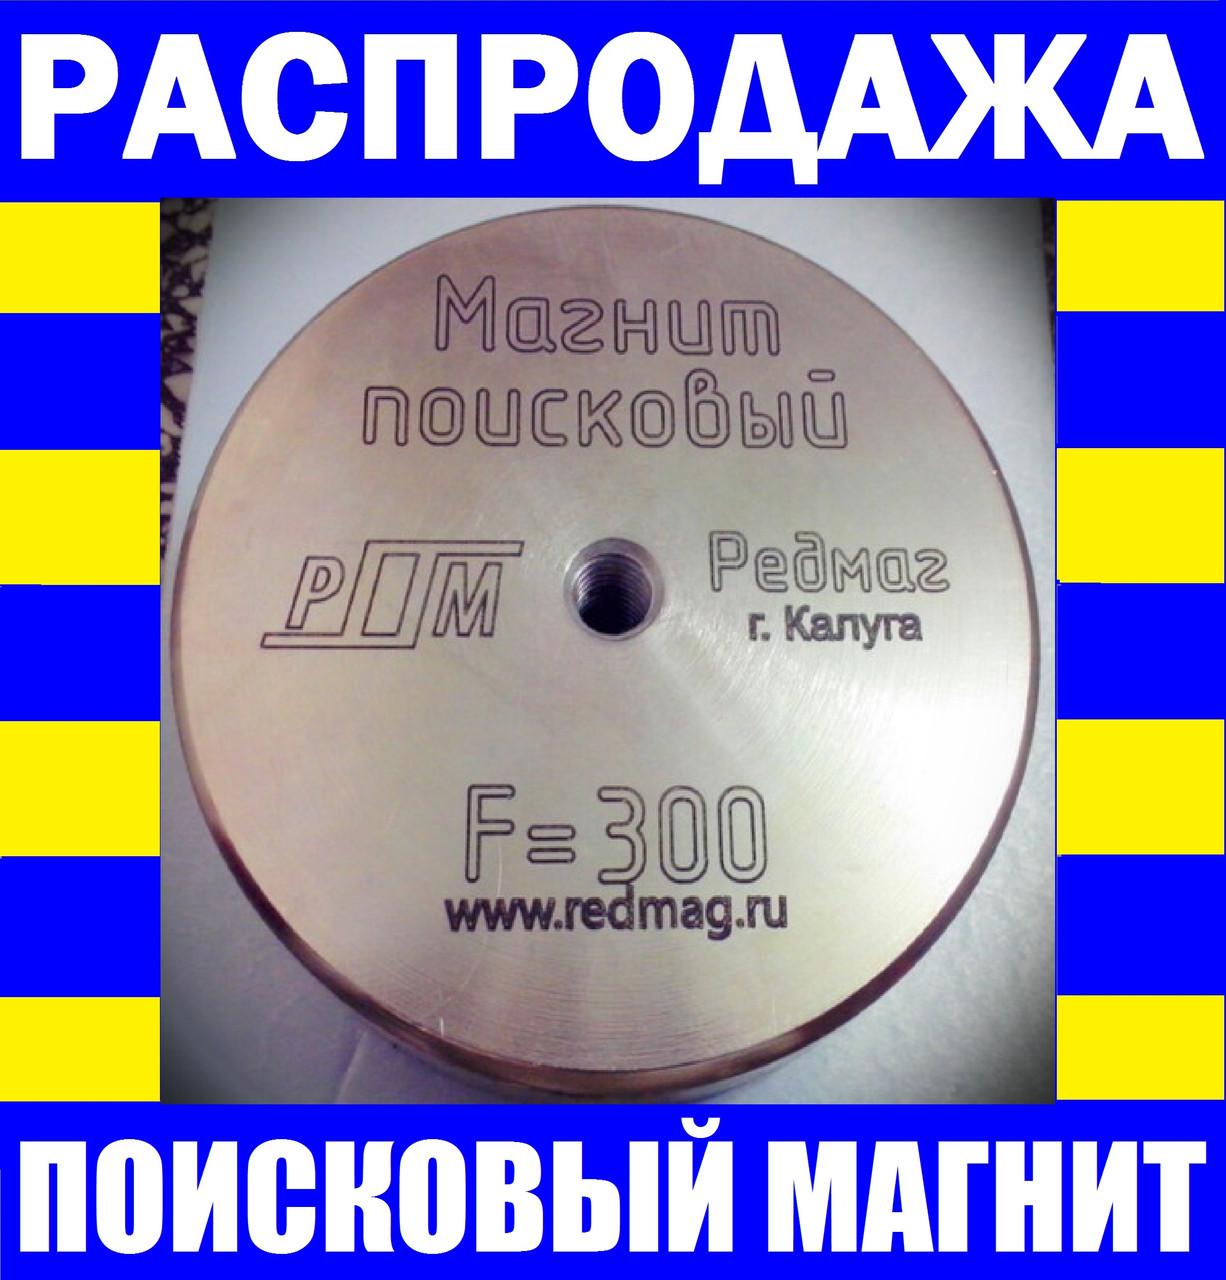 f300.jpg